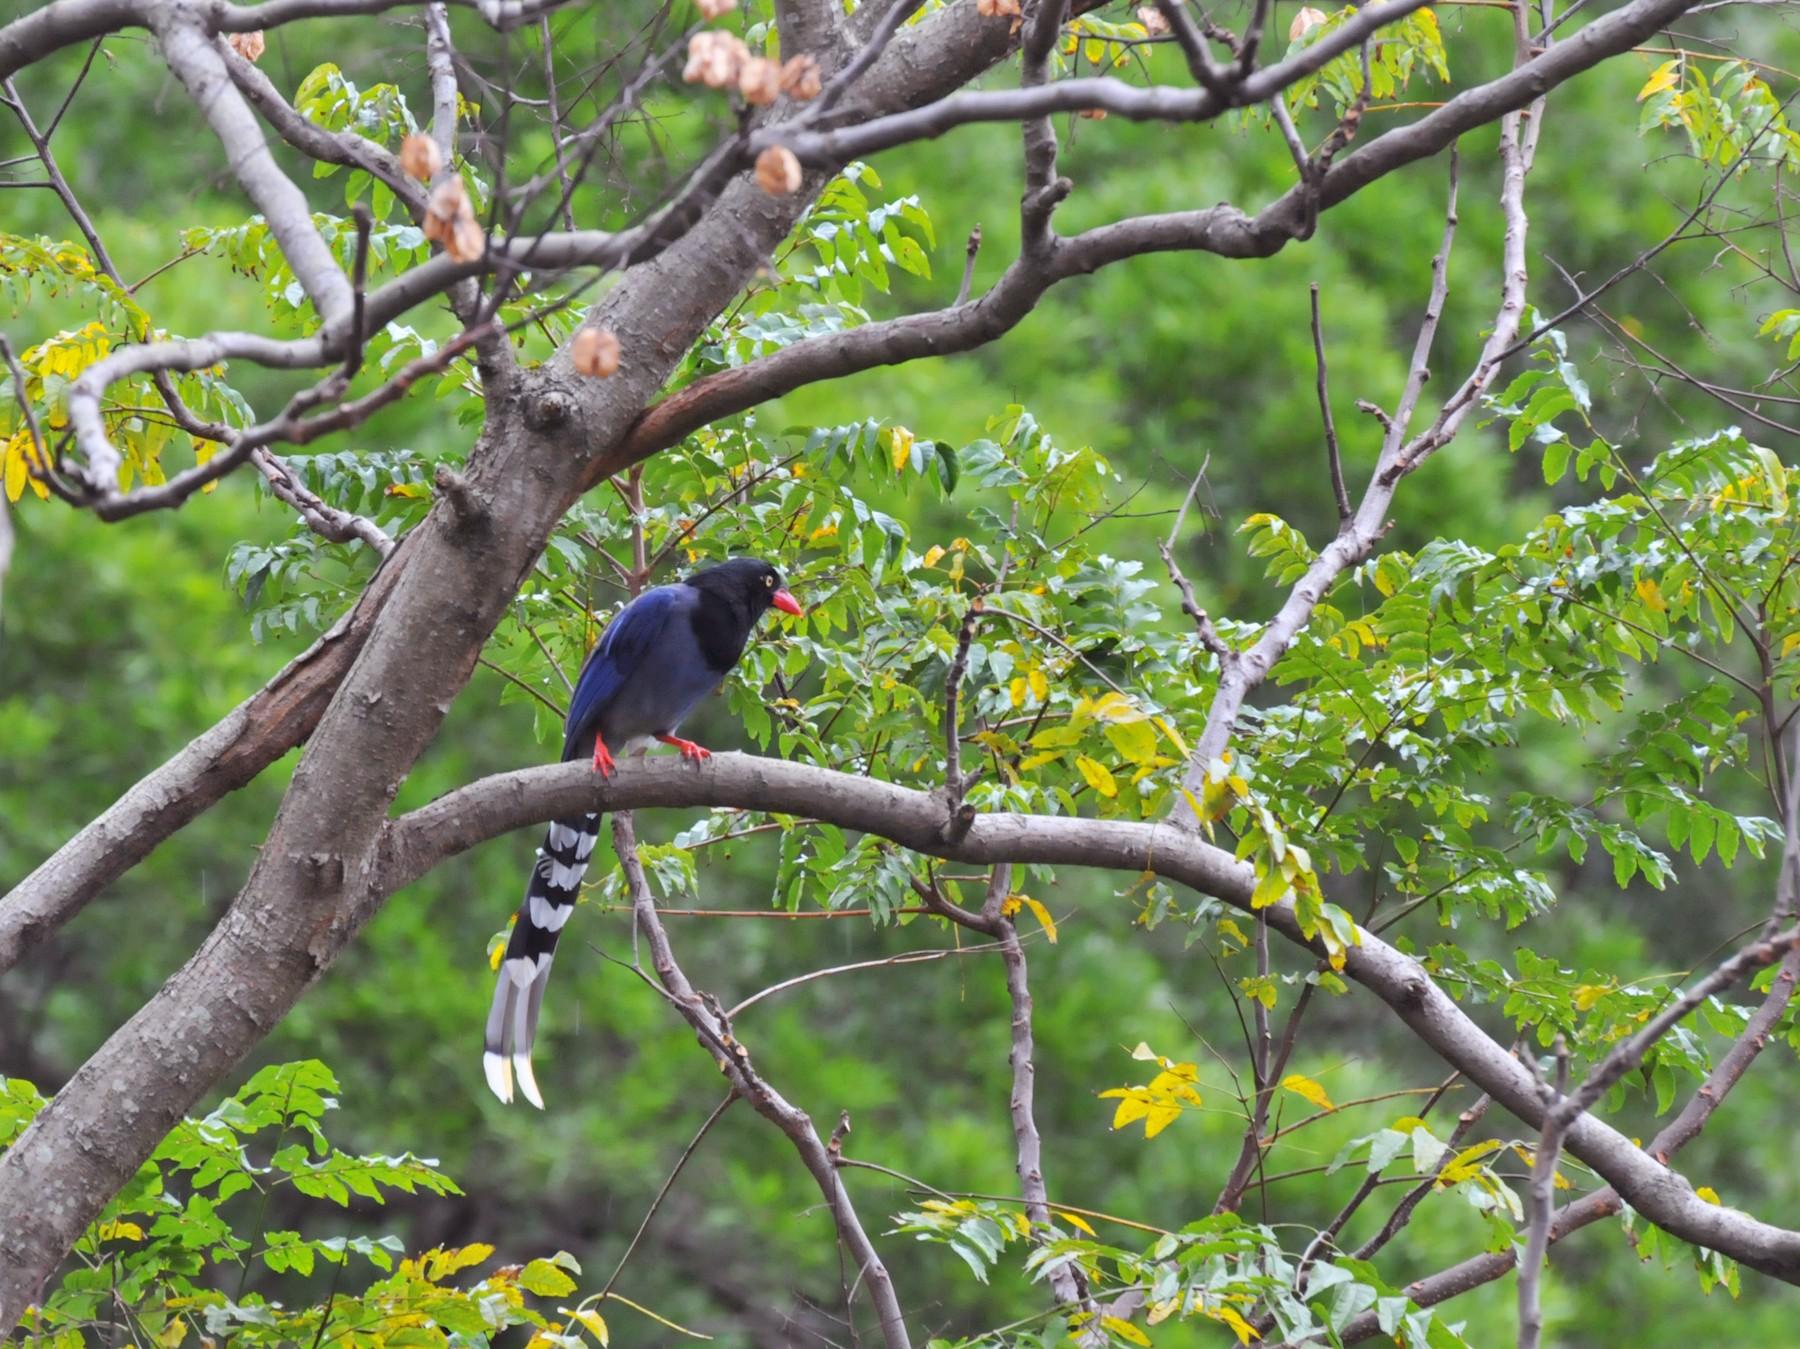 Taiwan Blue-Magpie - Cheng-Ru Tsai